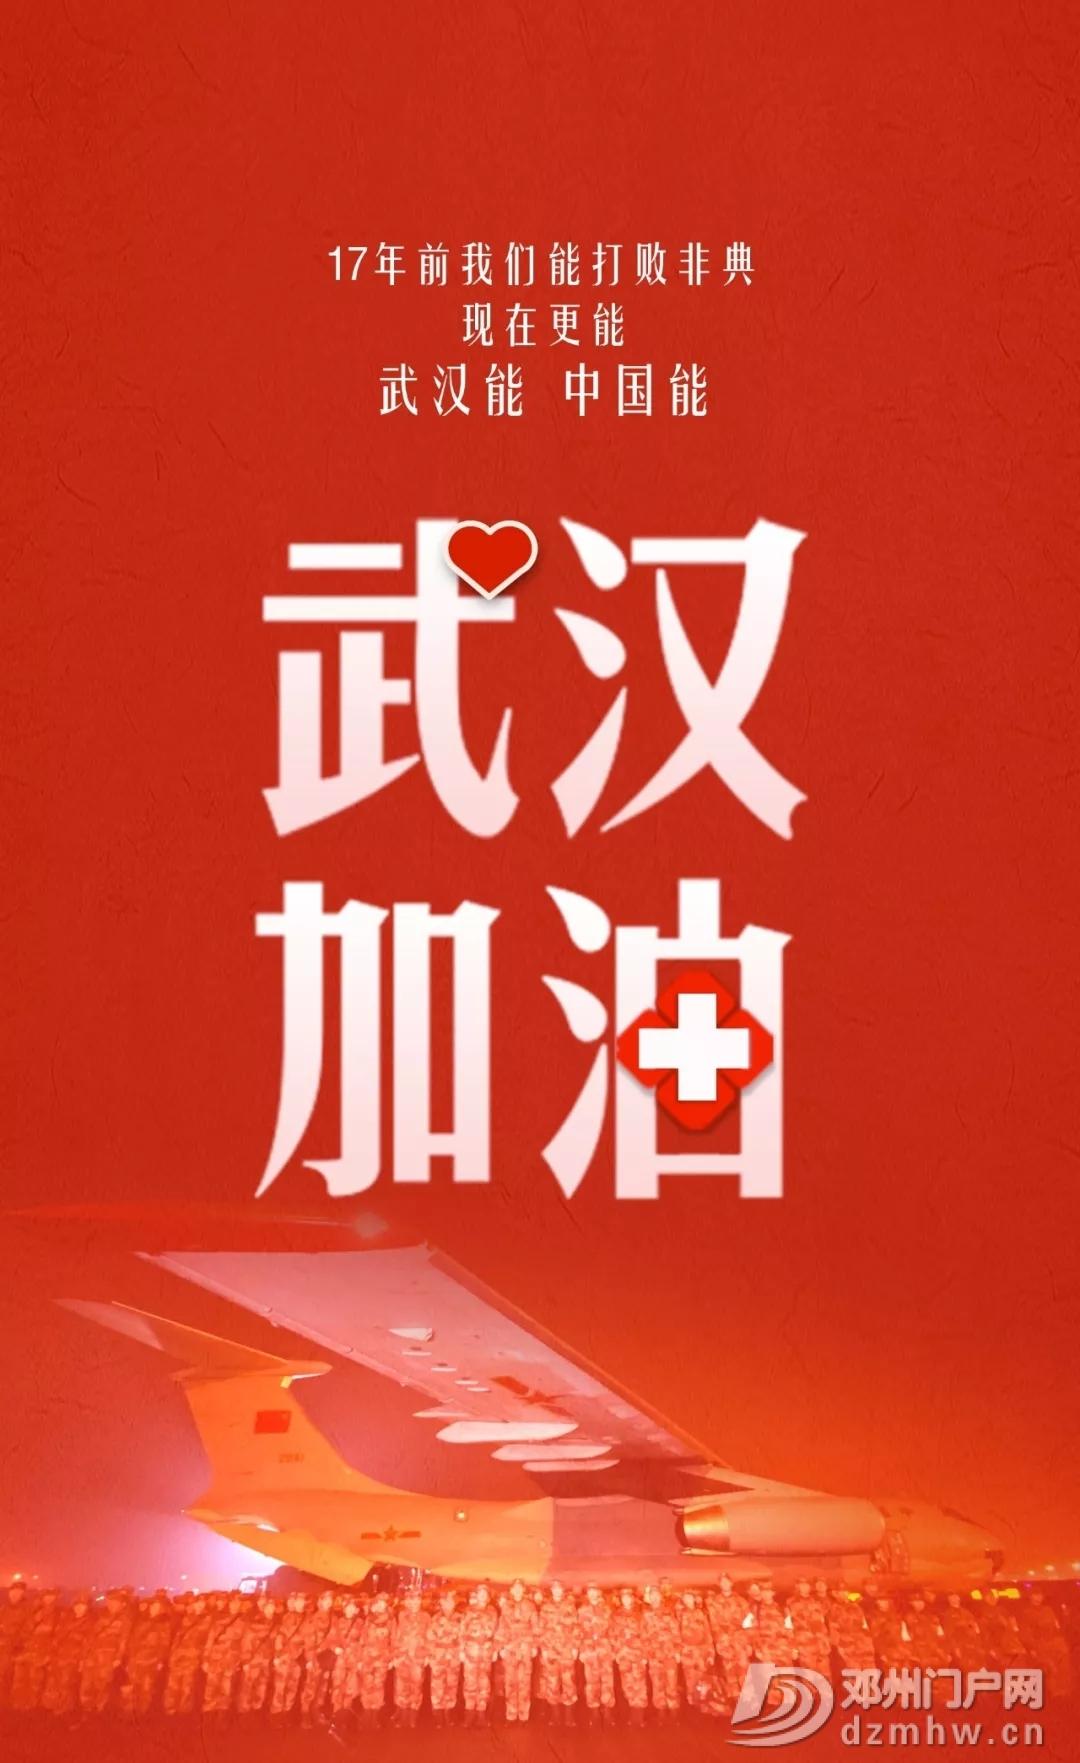 我们在一起!《武汉加油》MV发布 - 邓州门户网|邓州网 - 640.webp11.jpg